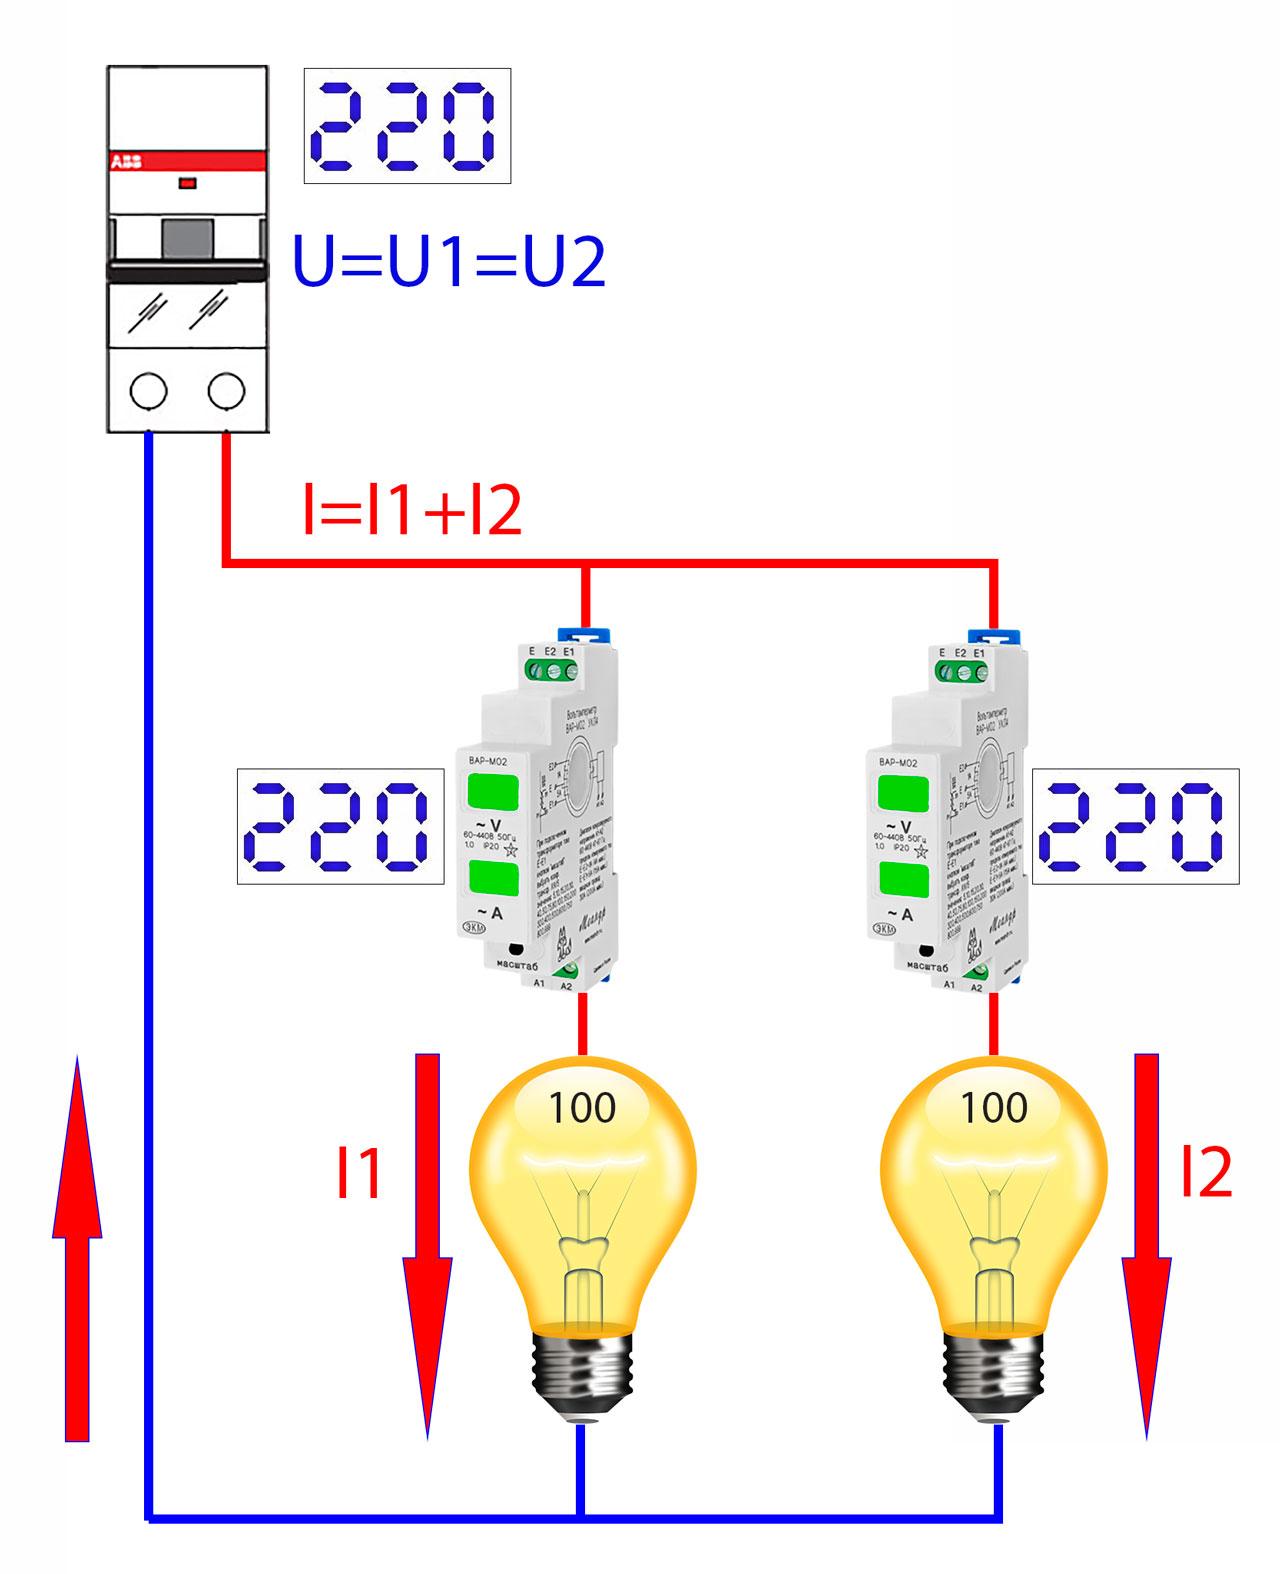 последовательная схема подключения электроприемников и потребителей в сеть 220В